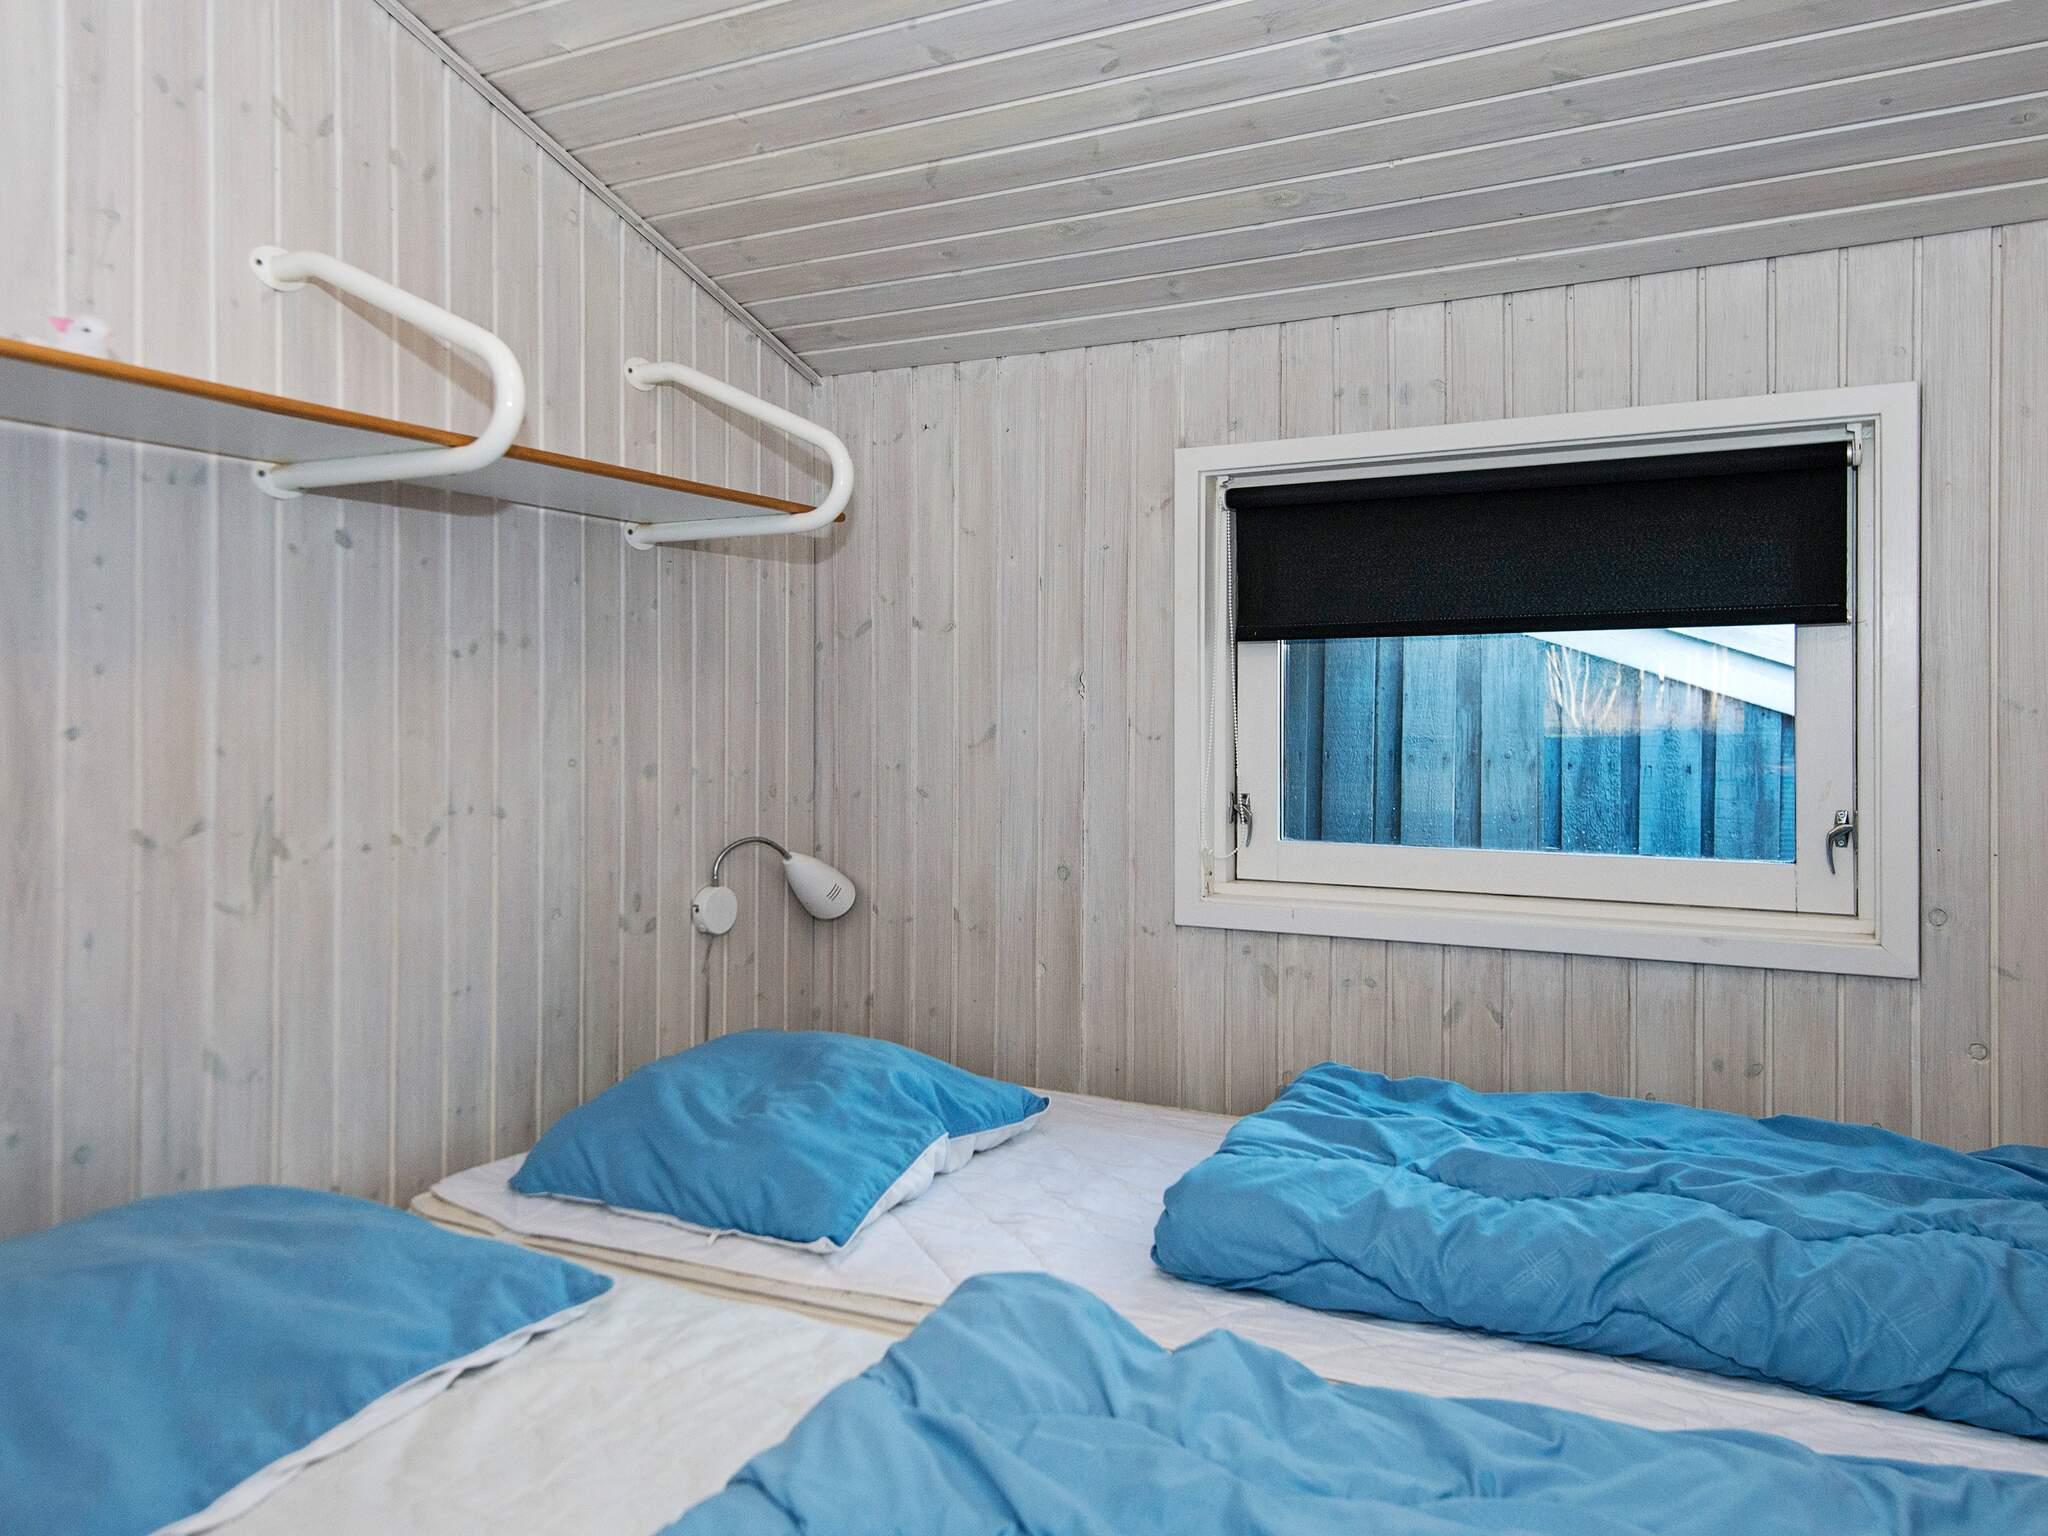 Ferienhaus Egsmark Strand (81943), Egsmark, , Dänische Ostsee, Dänemark, Bild 8